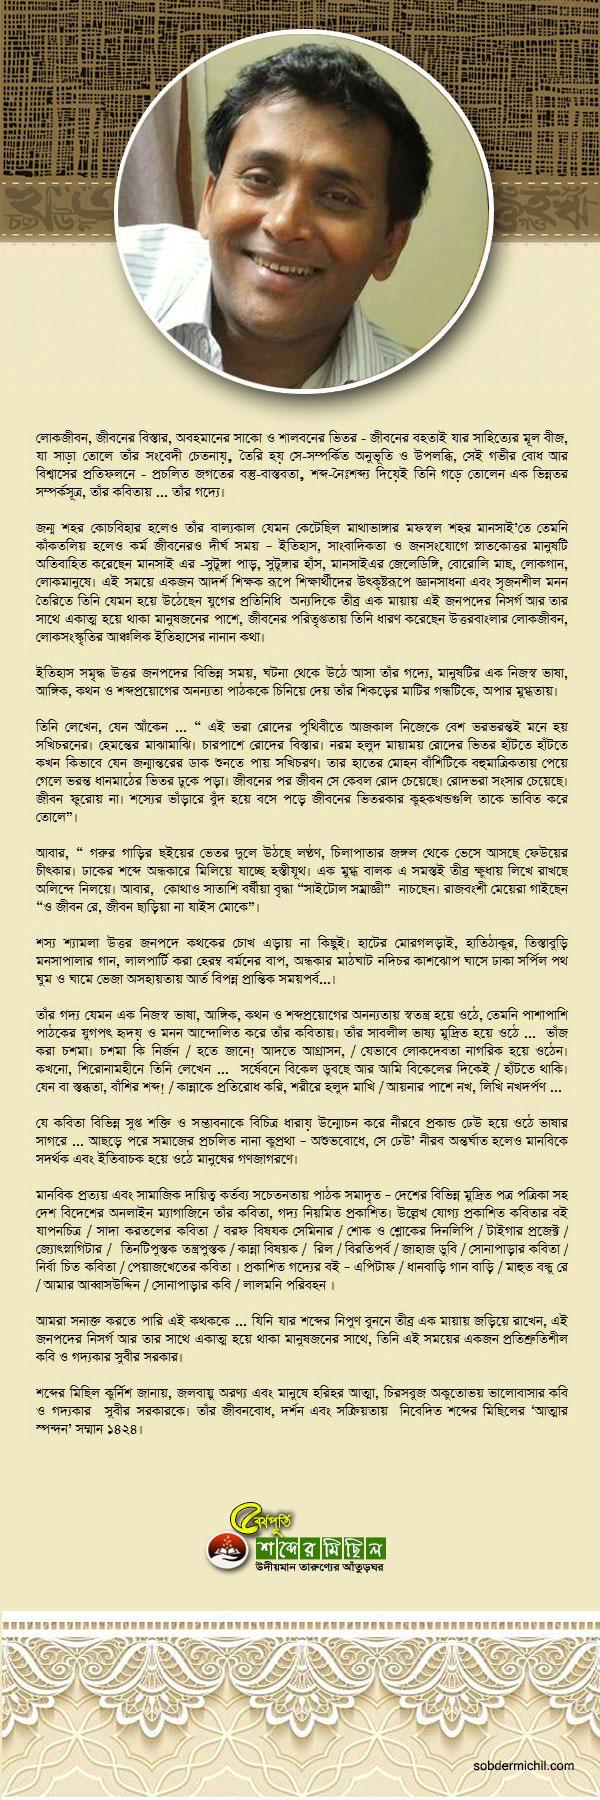 'আত্মার স্পন্দন' সম্মান ১৪২৪ / সুবীর সরকার